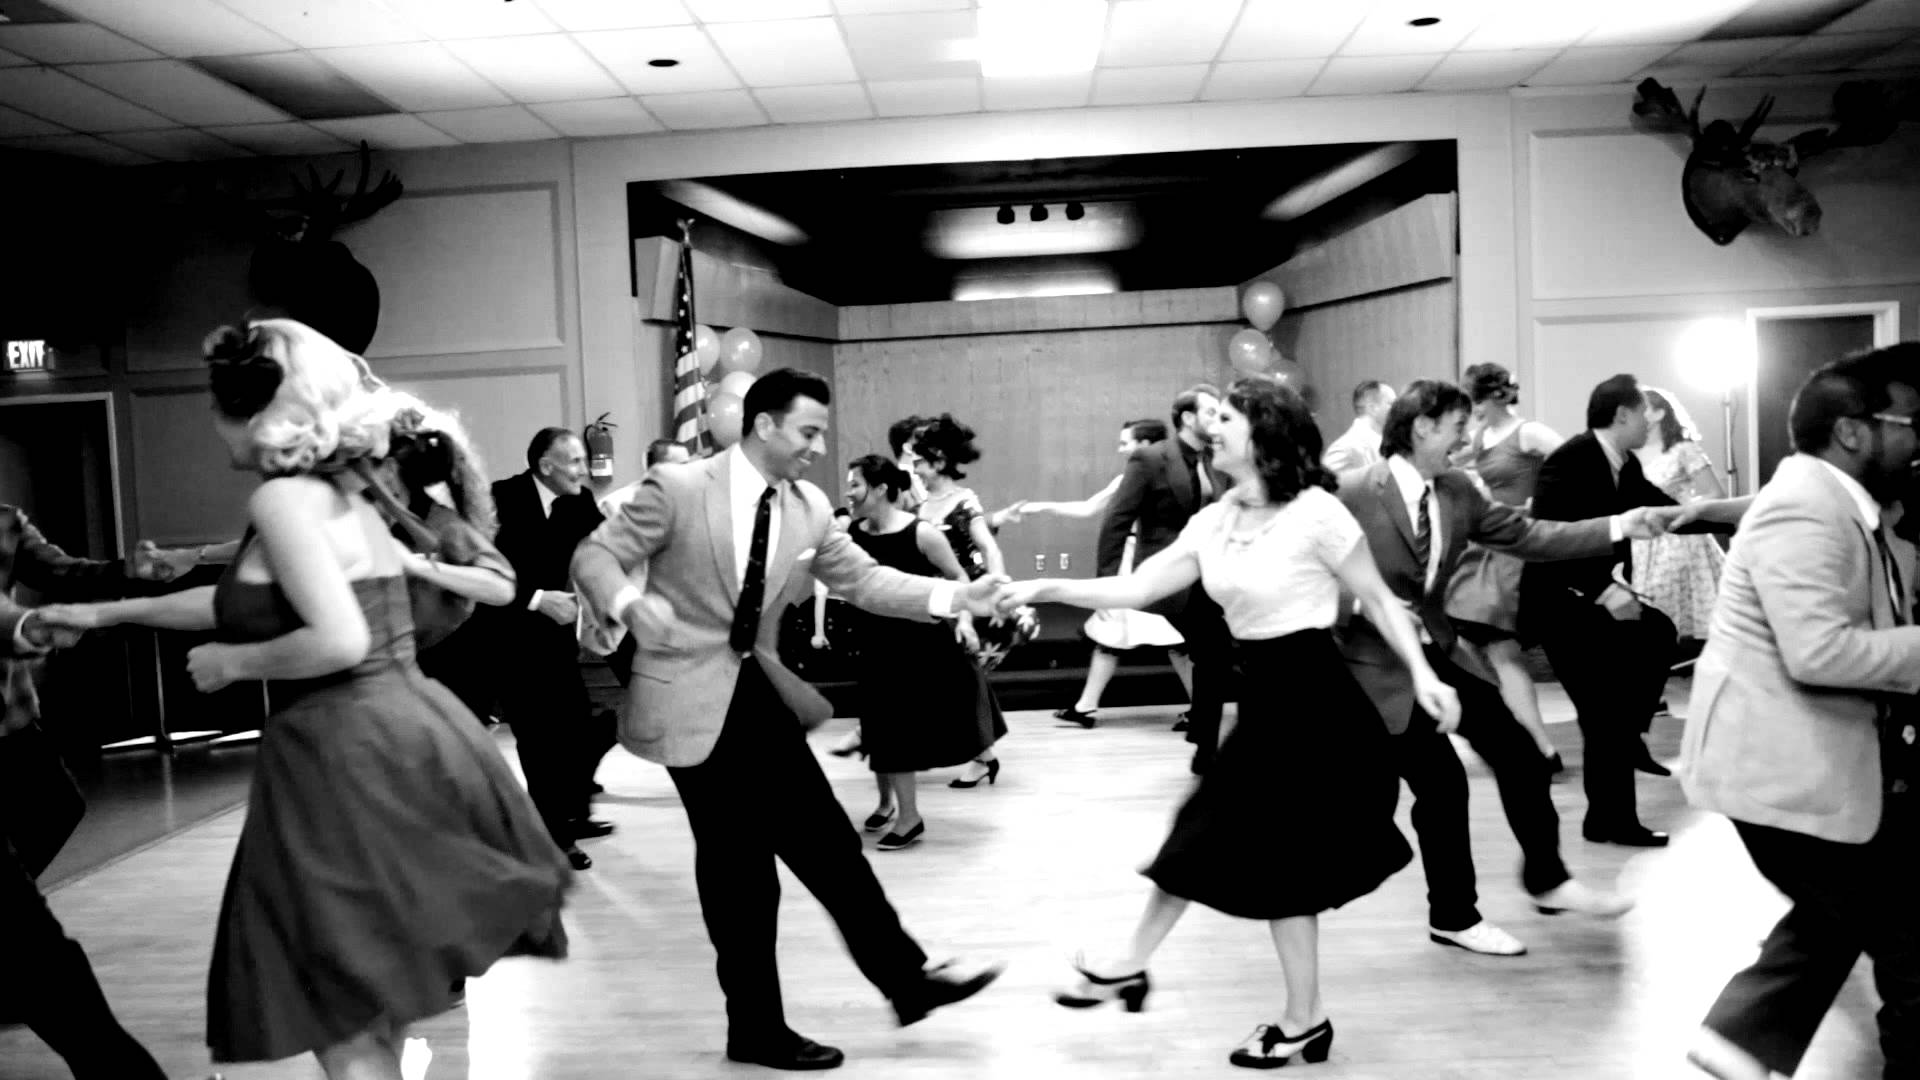 twistende mensen op dansvloer